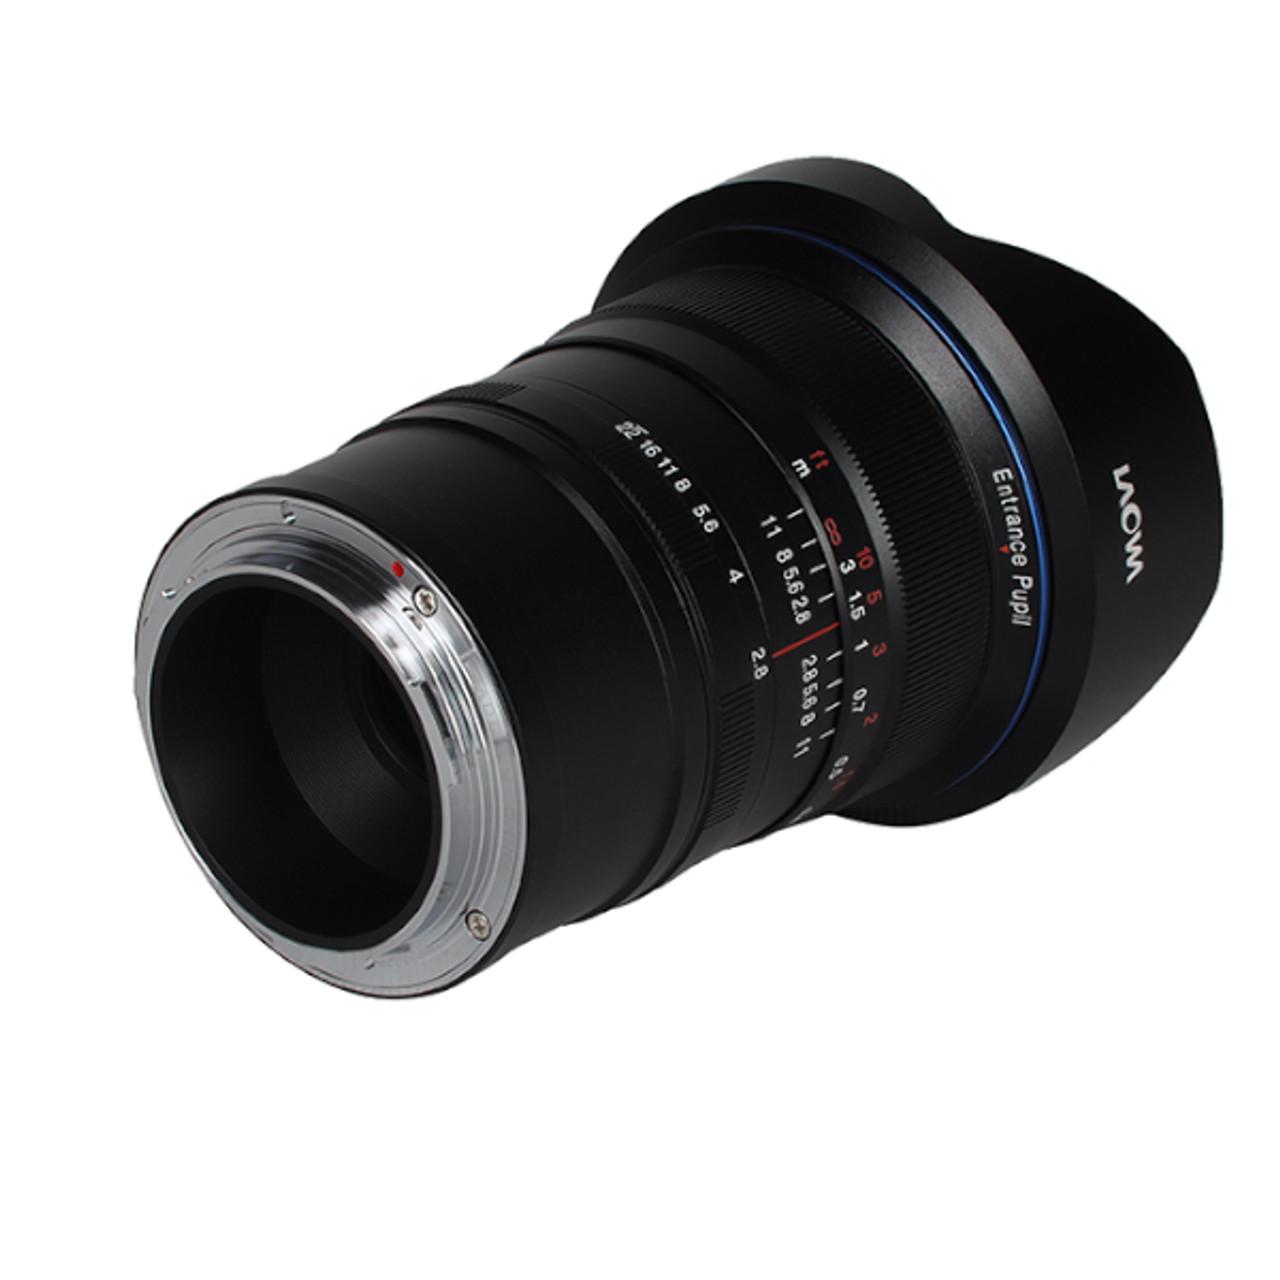 Laowa 12mm F2.8 Zero-D Leica L - Black